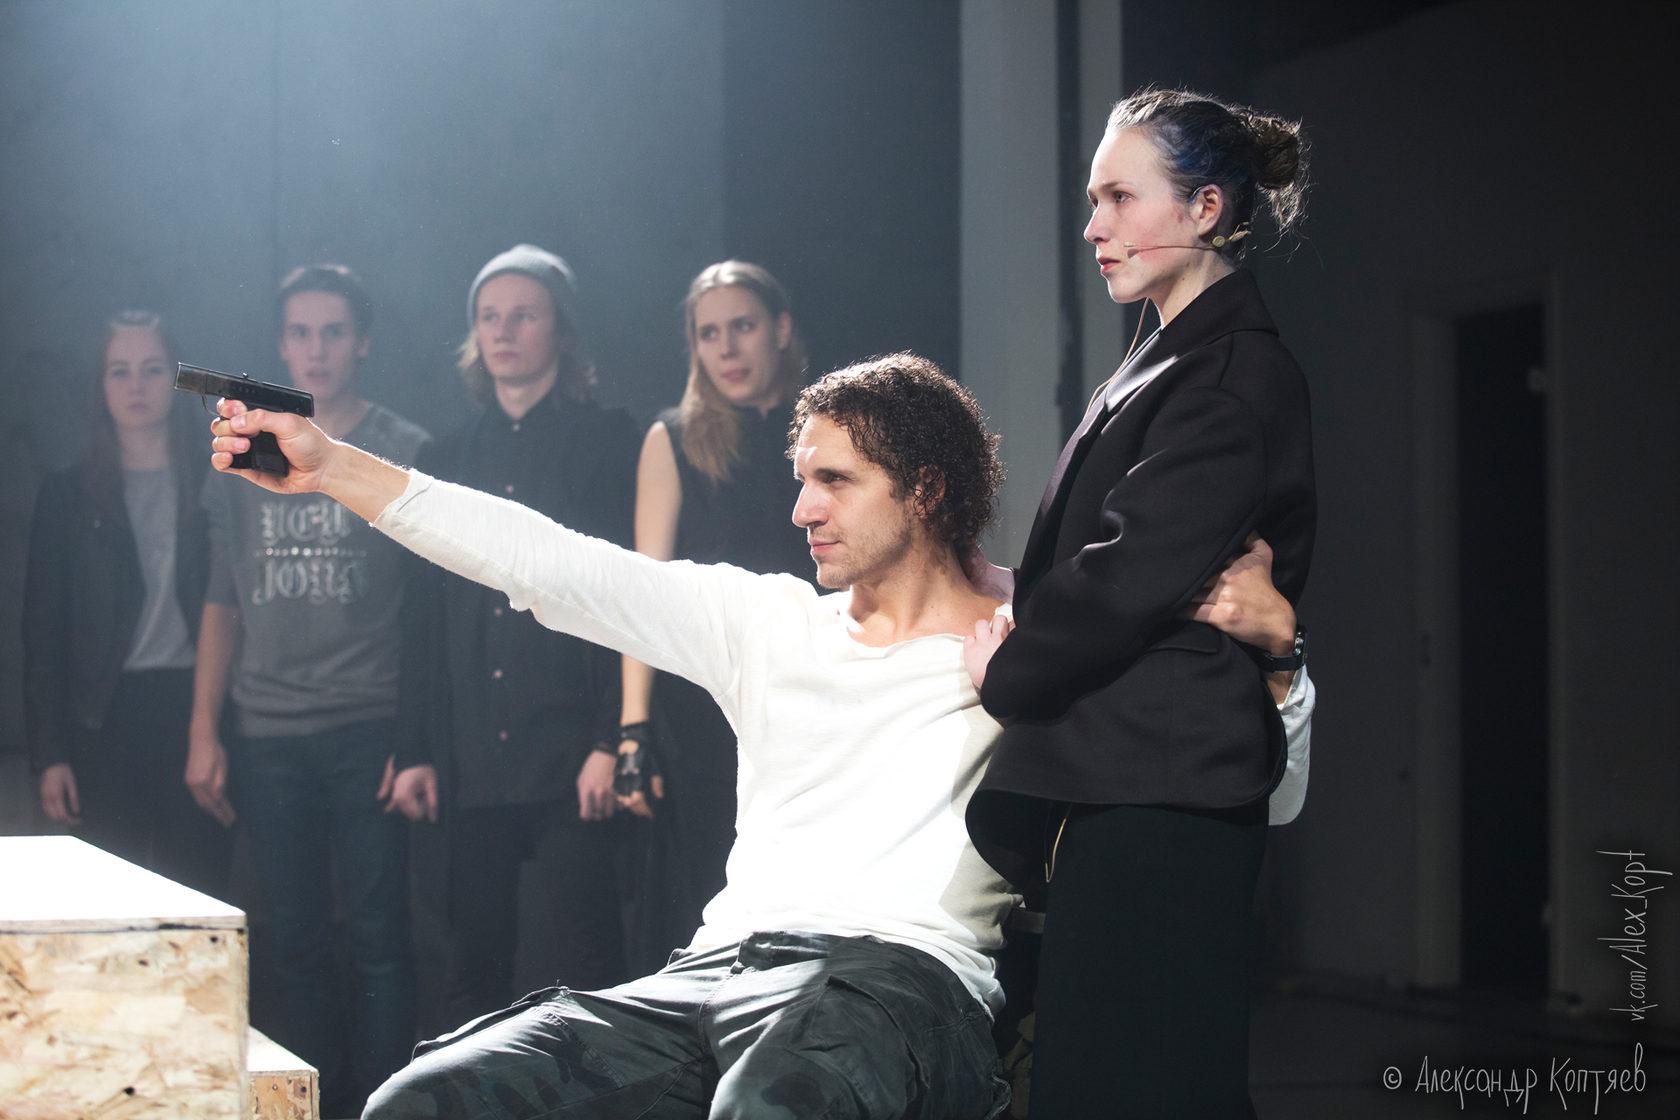 Рецензия на спектакль «Мария Стюарт». Такой блокбастер от «Такого театра»